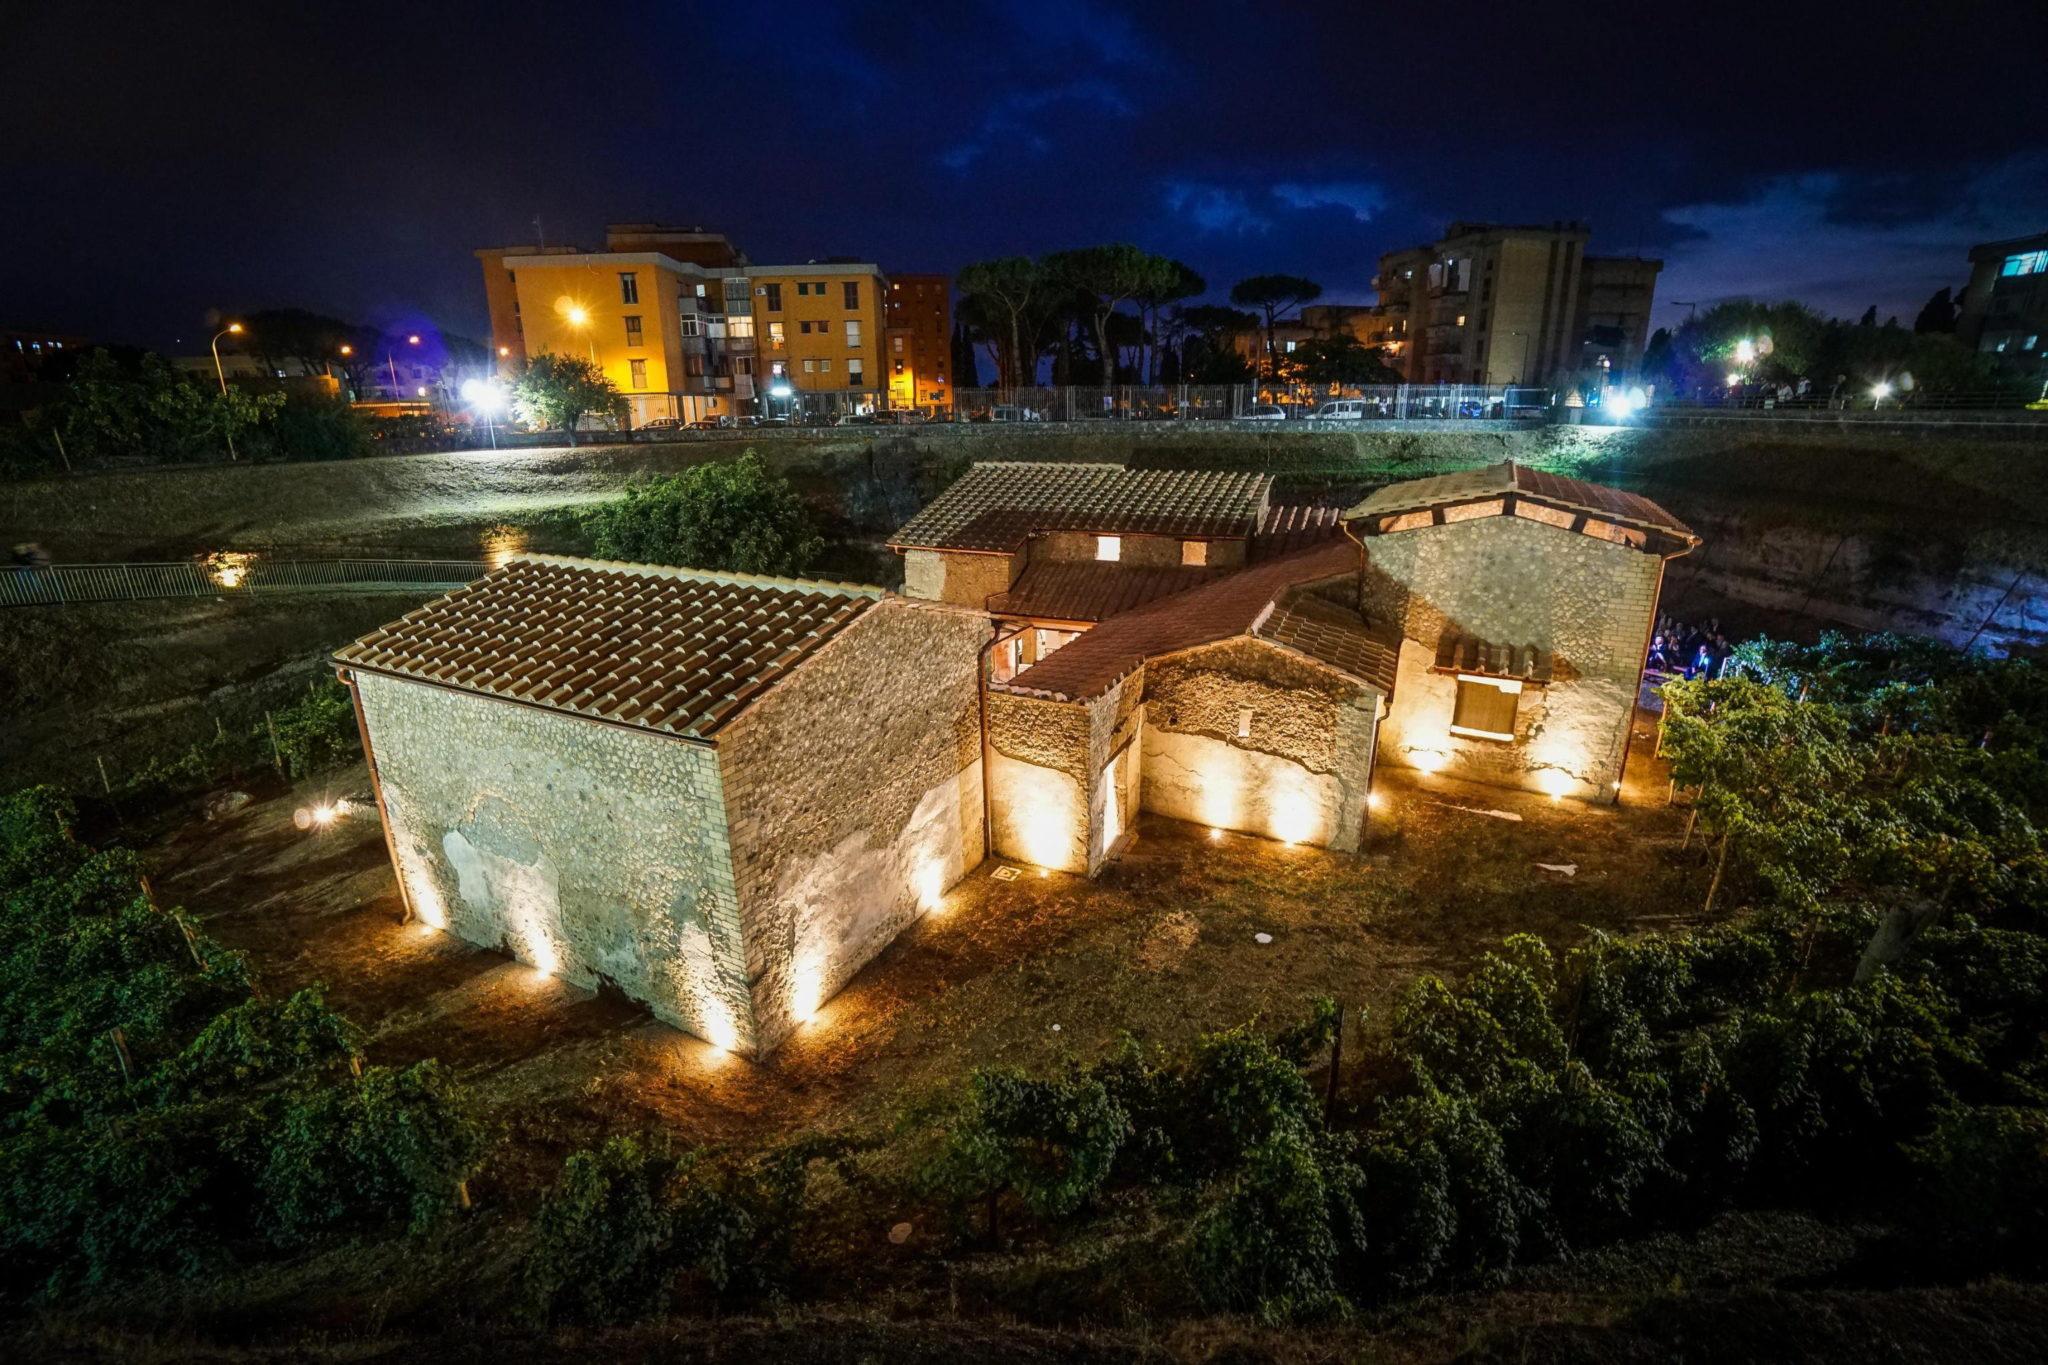 Włochy: zachwycająca iluminacja odrestaurowanej wioski w starożytnych Pompejach. fot. EPA/CESARE ABBATE